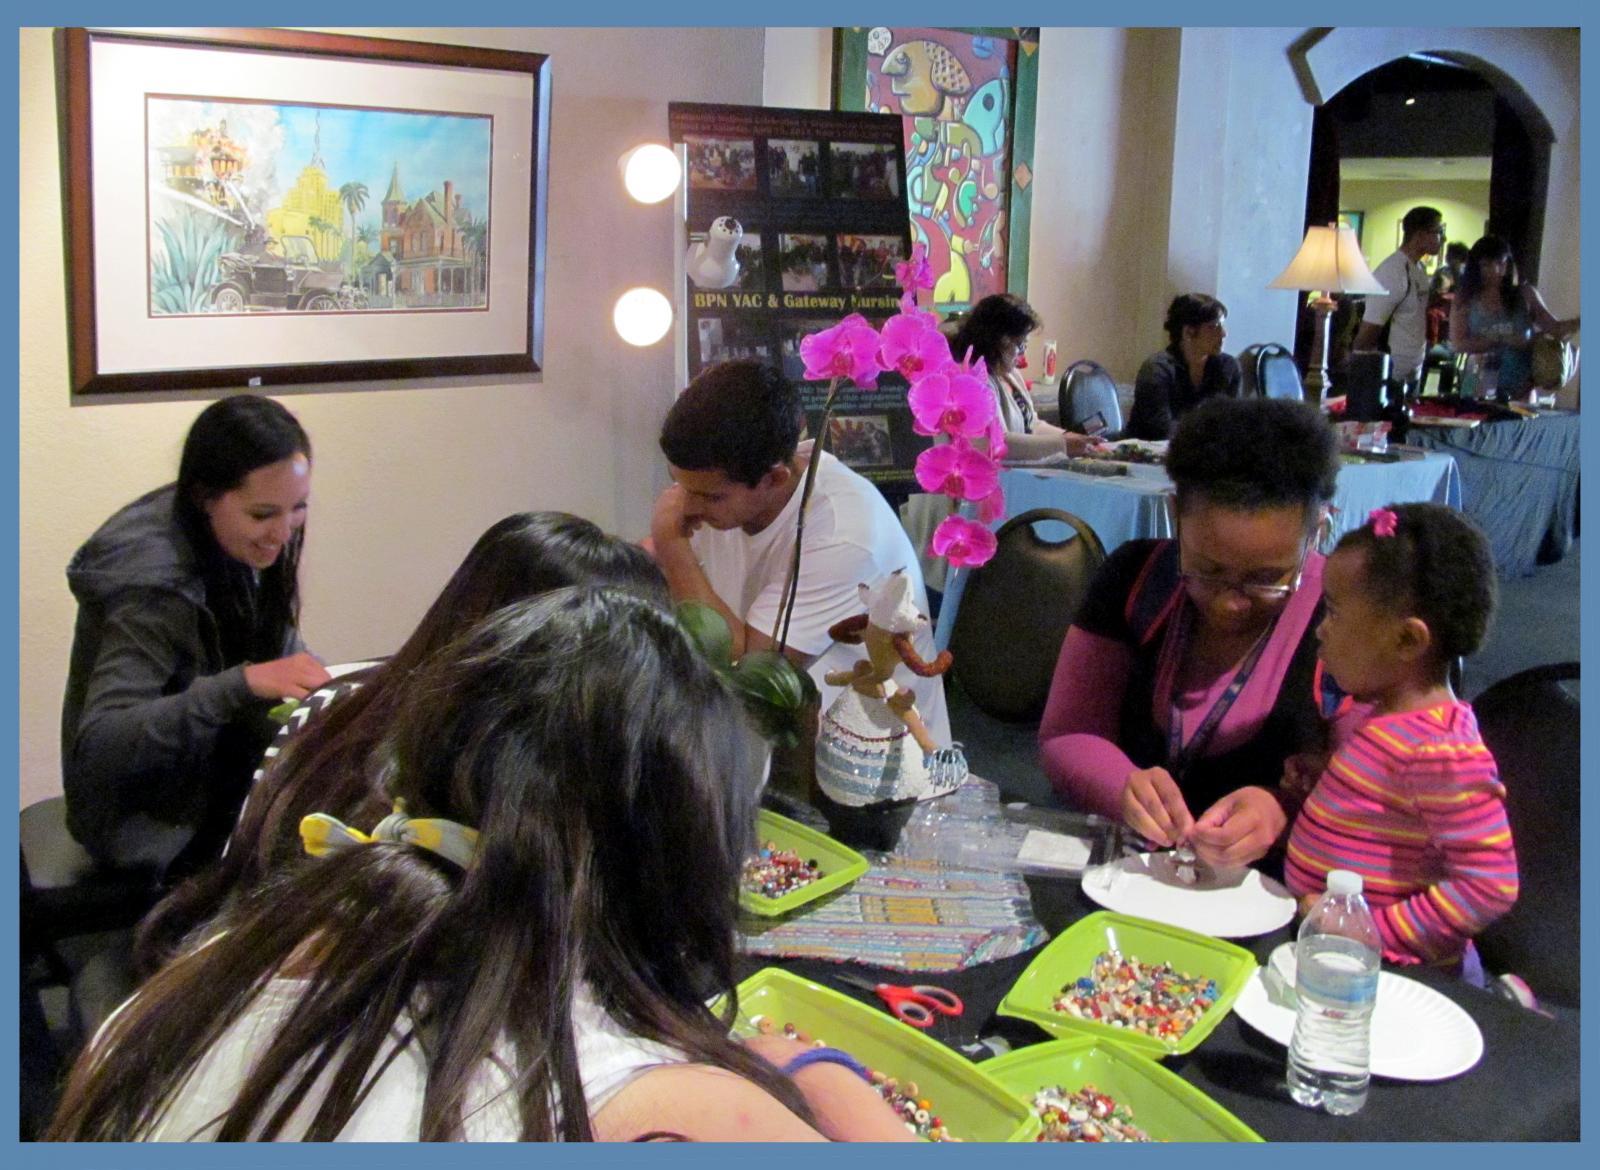 University Of Arizona Health And Healing Arts Festival